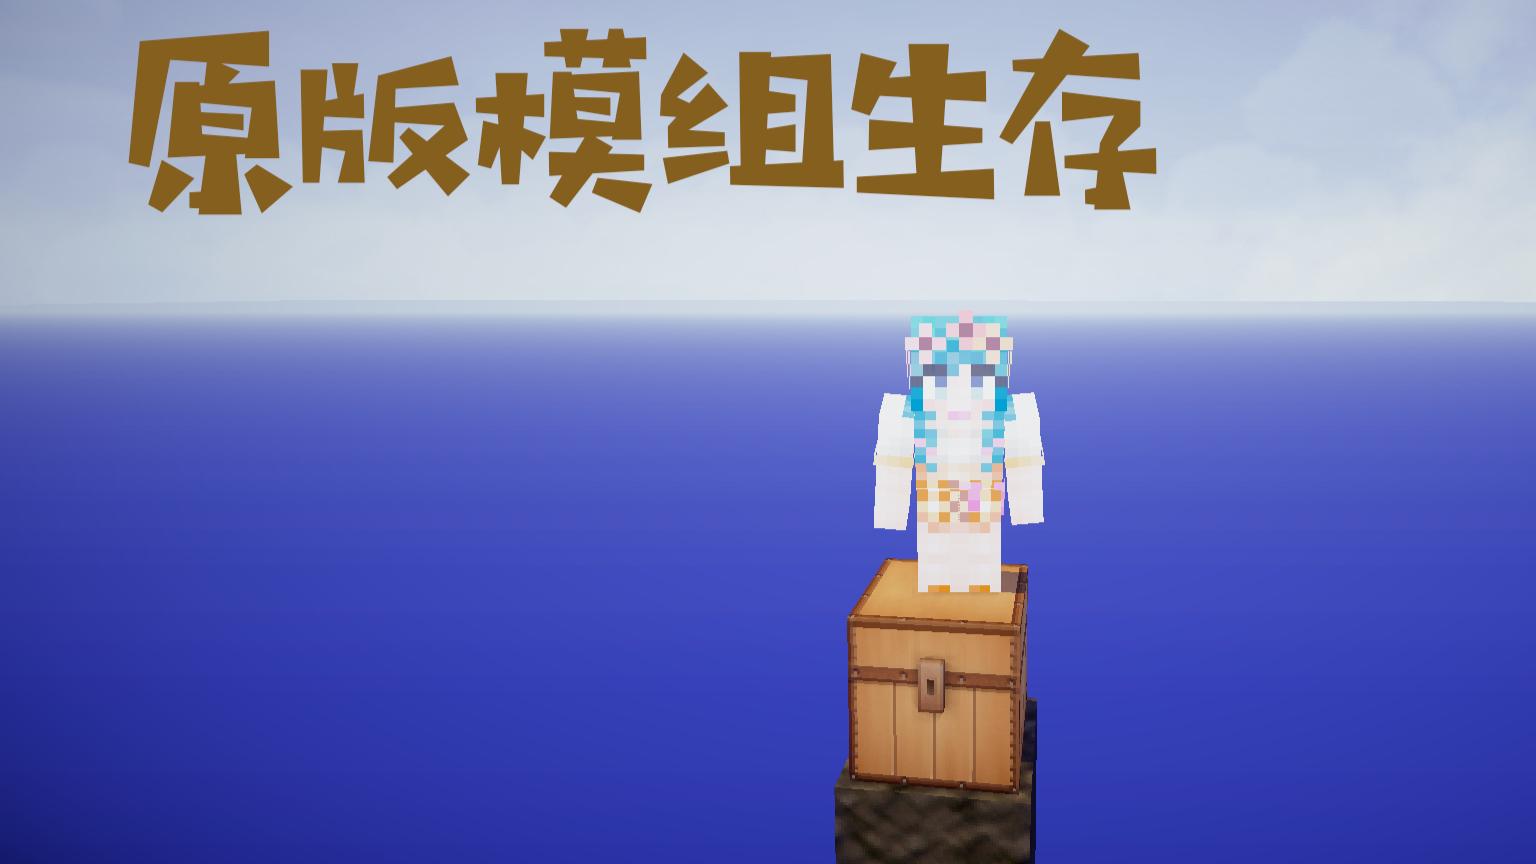 这个世界怎么啦?我都不认识了 若水我的世界原版模组空岛生存01